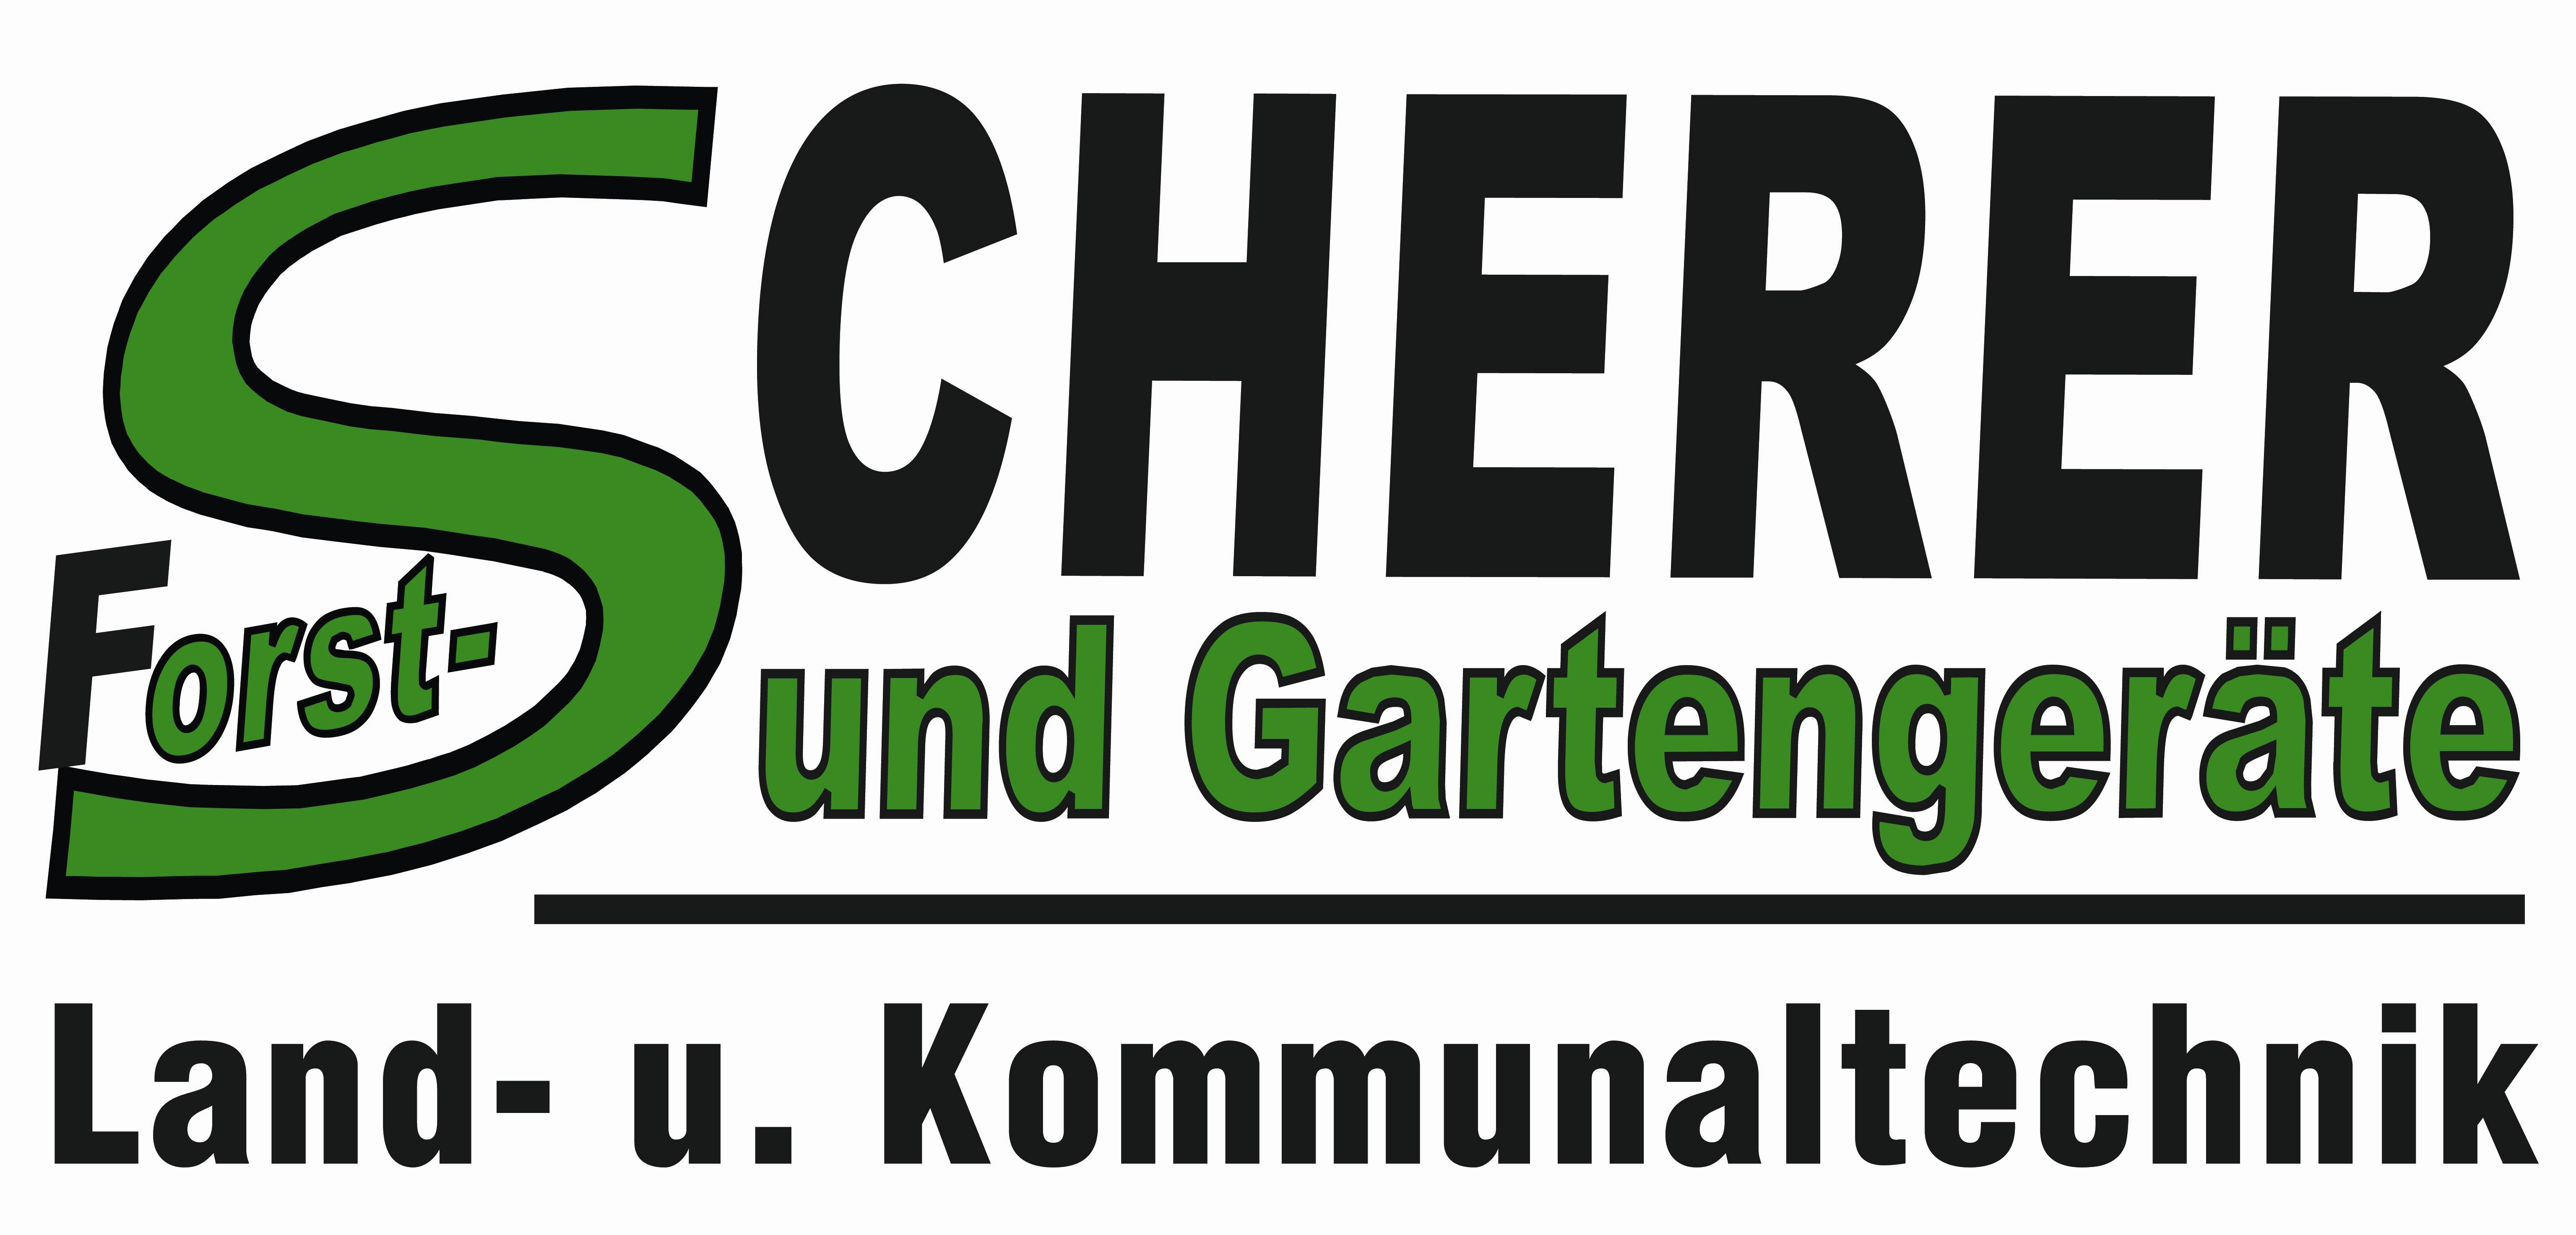 Philipp Scherer Forst-, Gartengeräte, Land und Kommunaltechnik